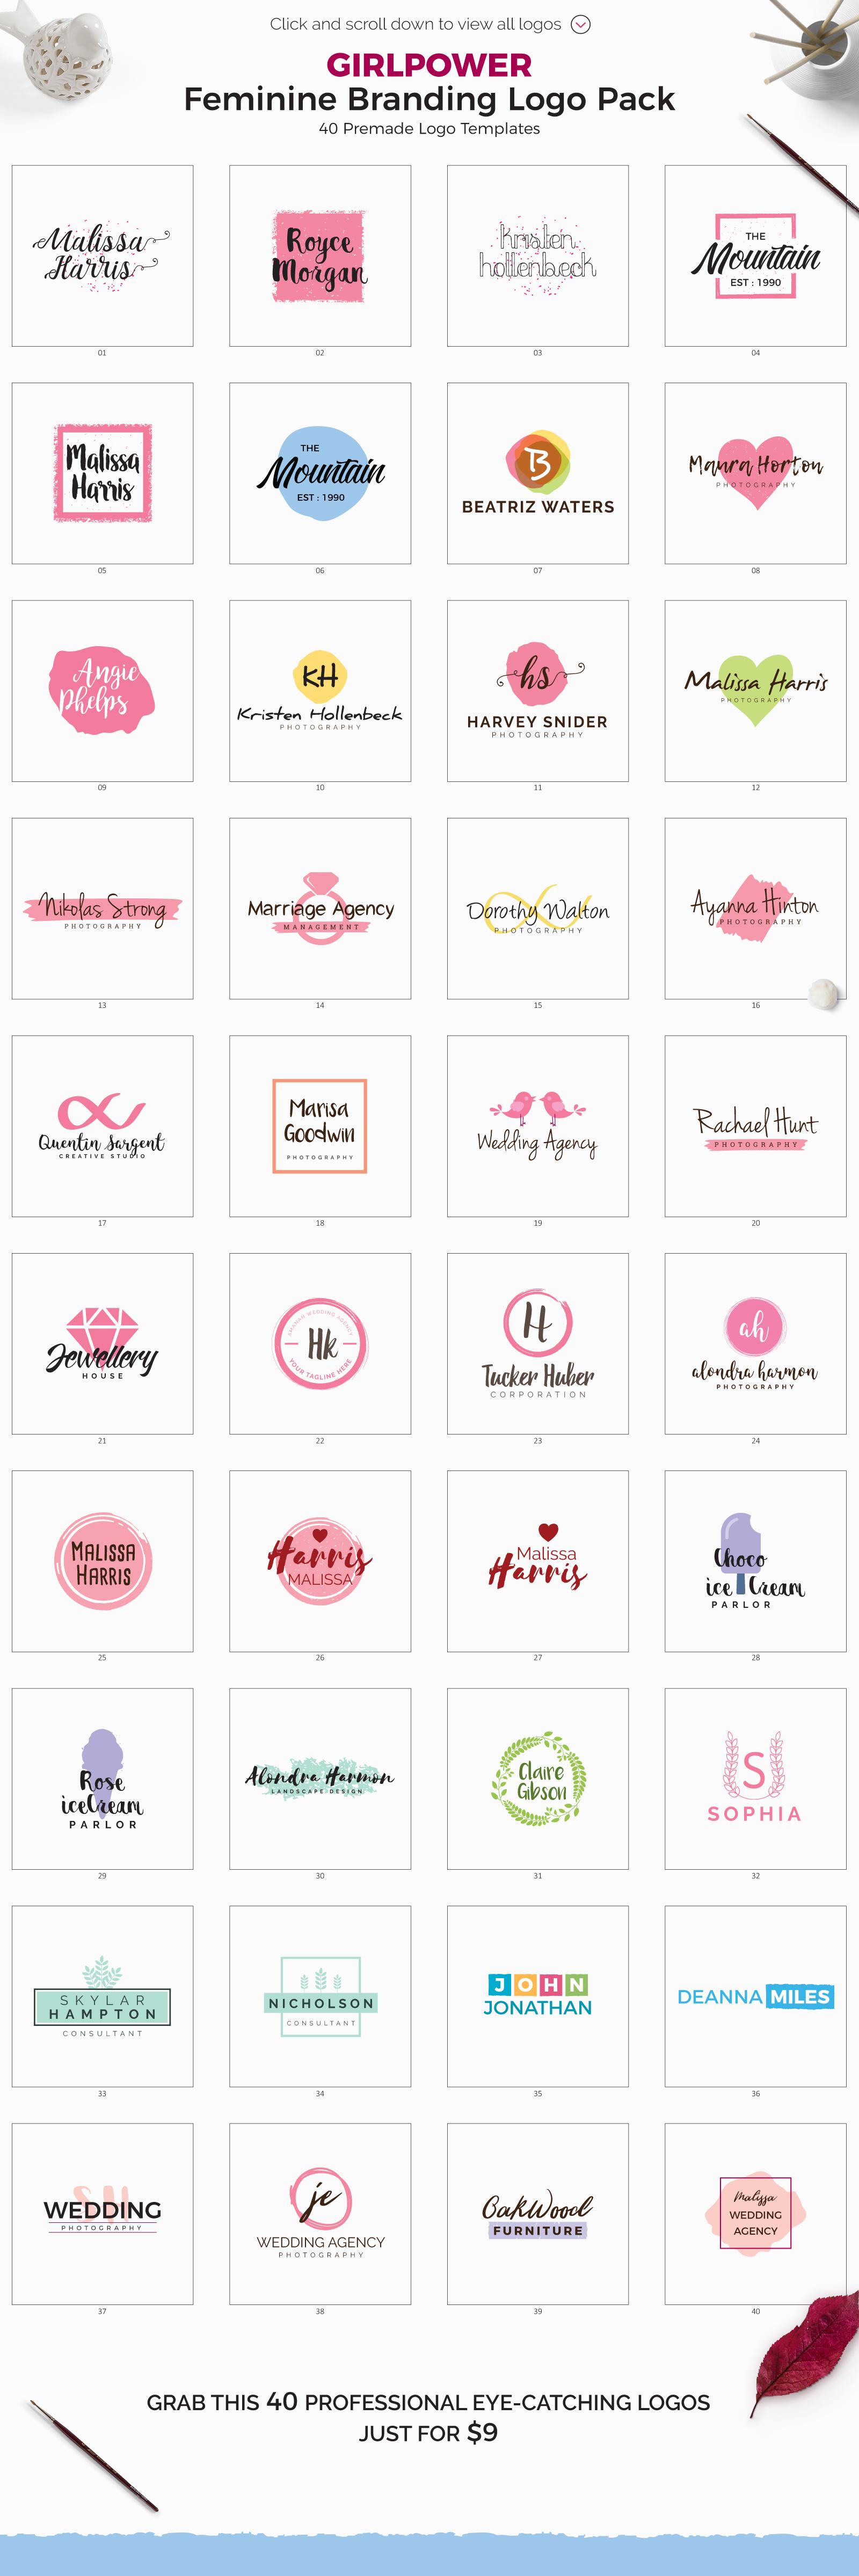 GIRLPOWER Feminine Branding Logo Pack example image 6